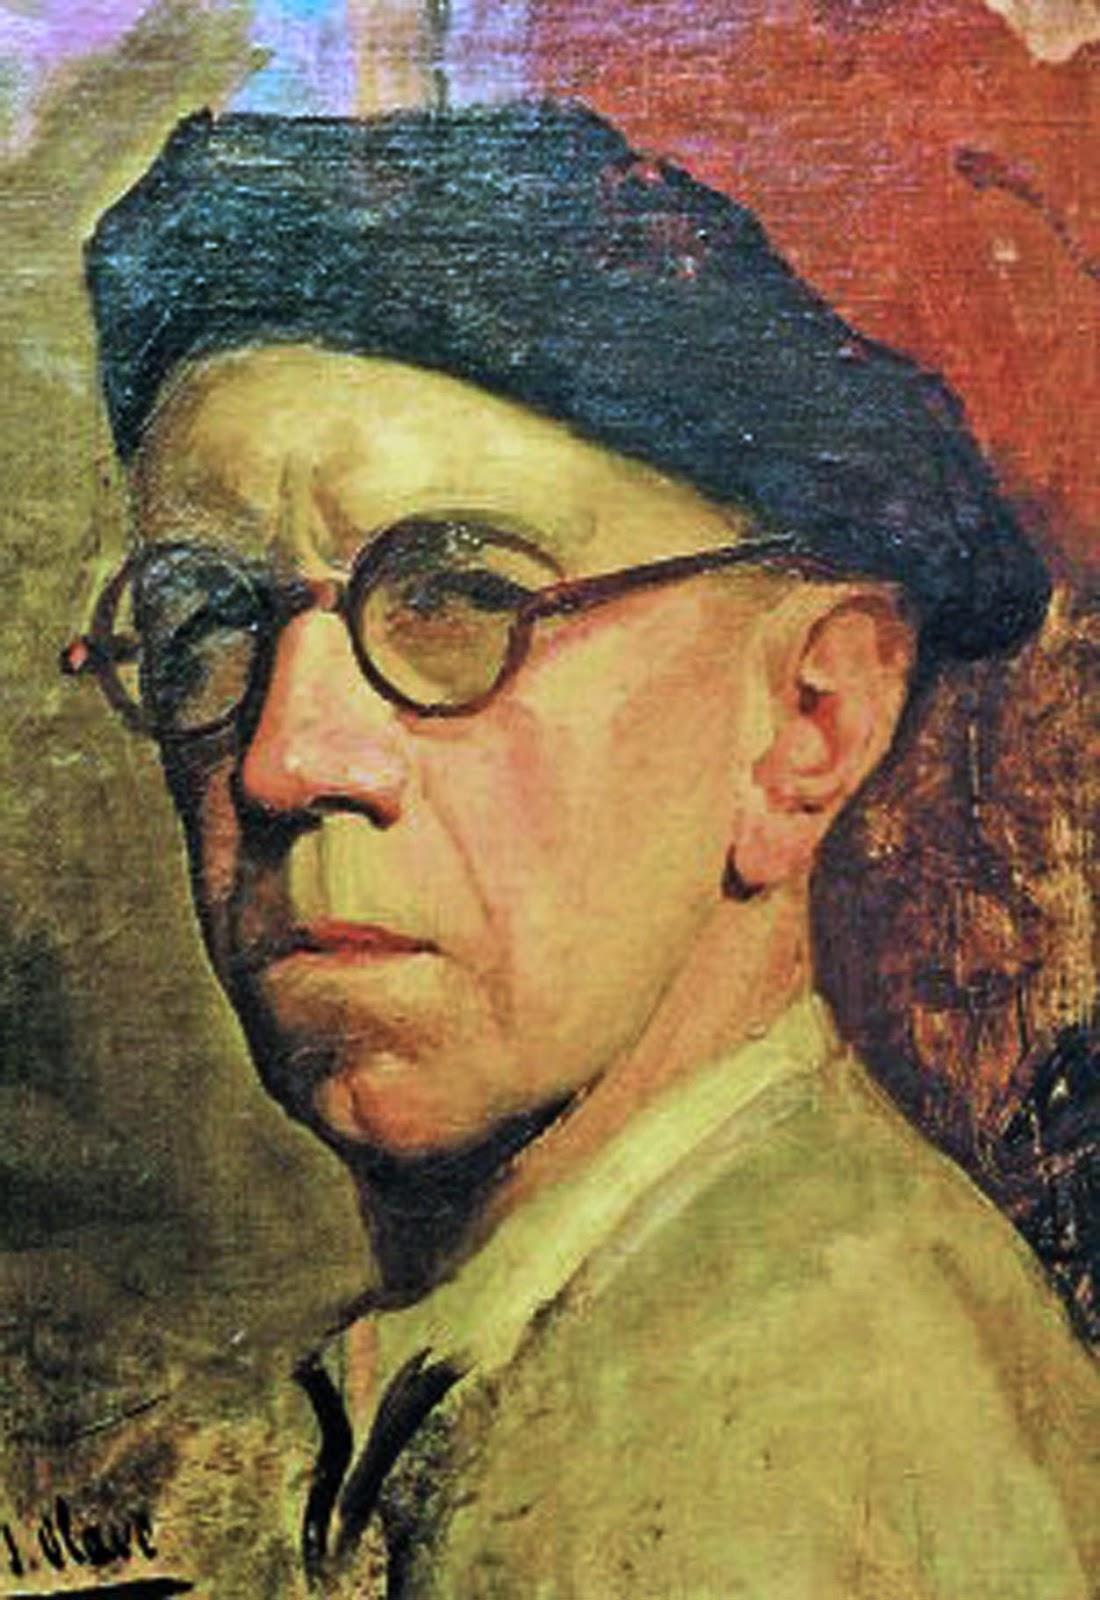 Jacinto Olave, Galería de autorretratos, Pintor español, Pintura española, Pintores Realistas Españoles, Galería de retratos Figurativos, Pintor Jacinto Olave